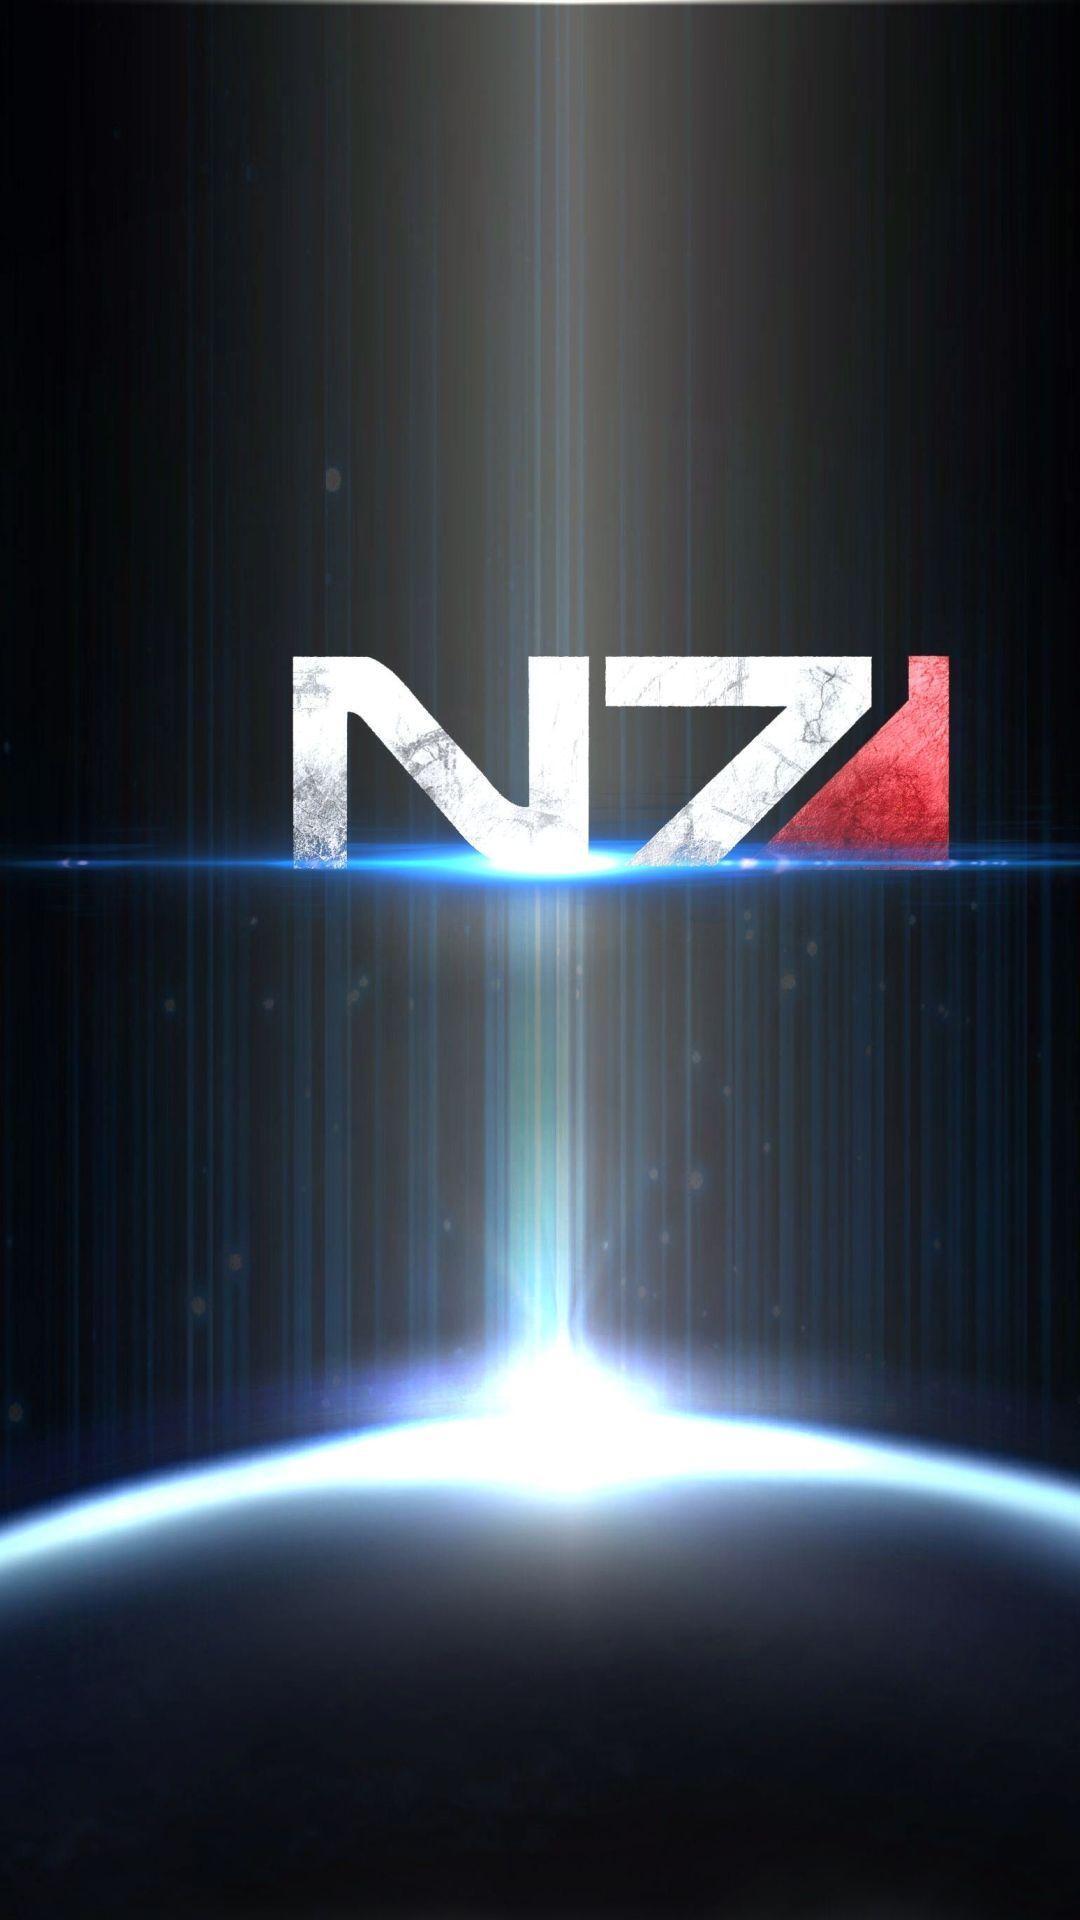 Mass Effect Handy Wallpapers Wallpaper Cave